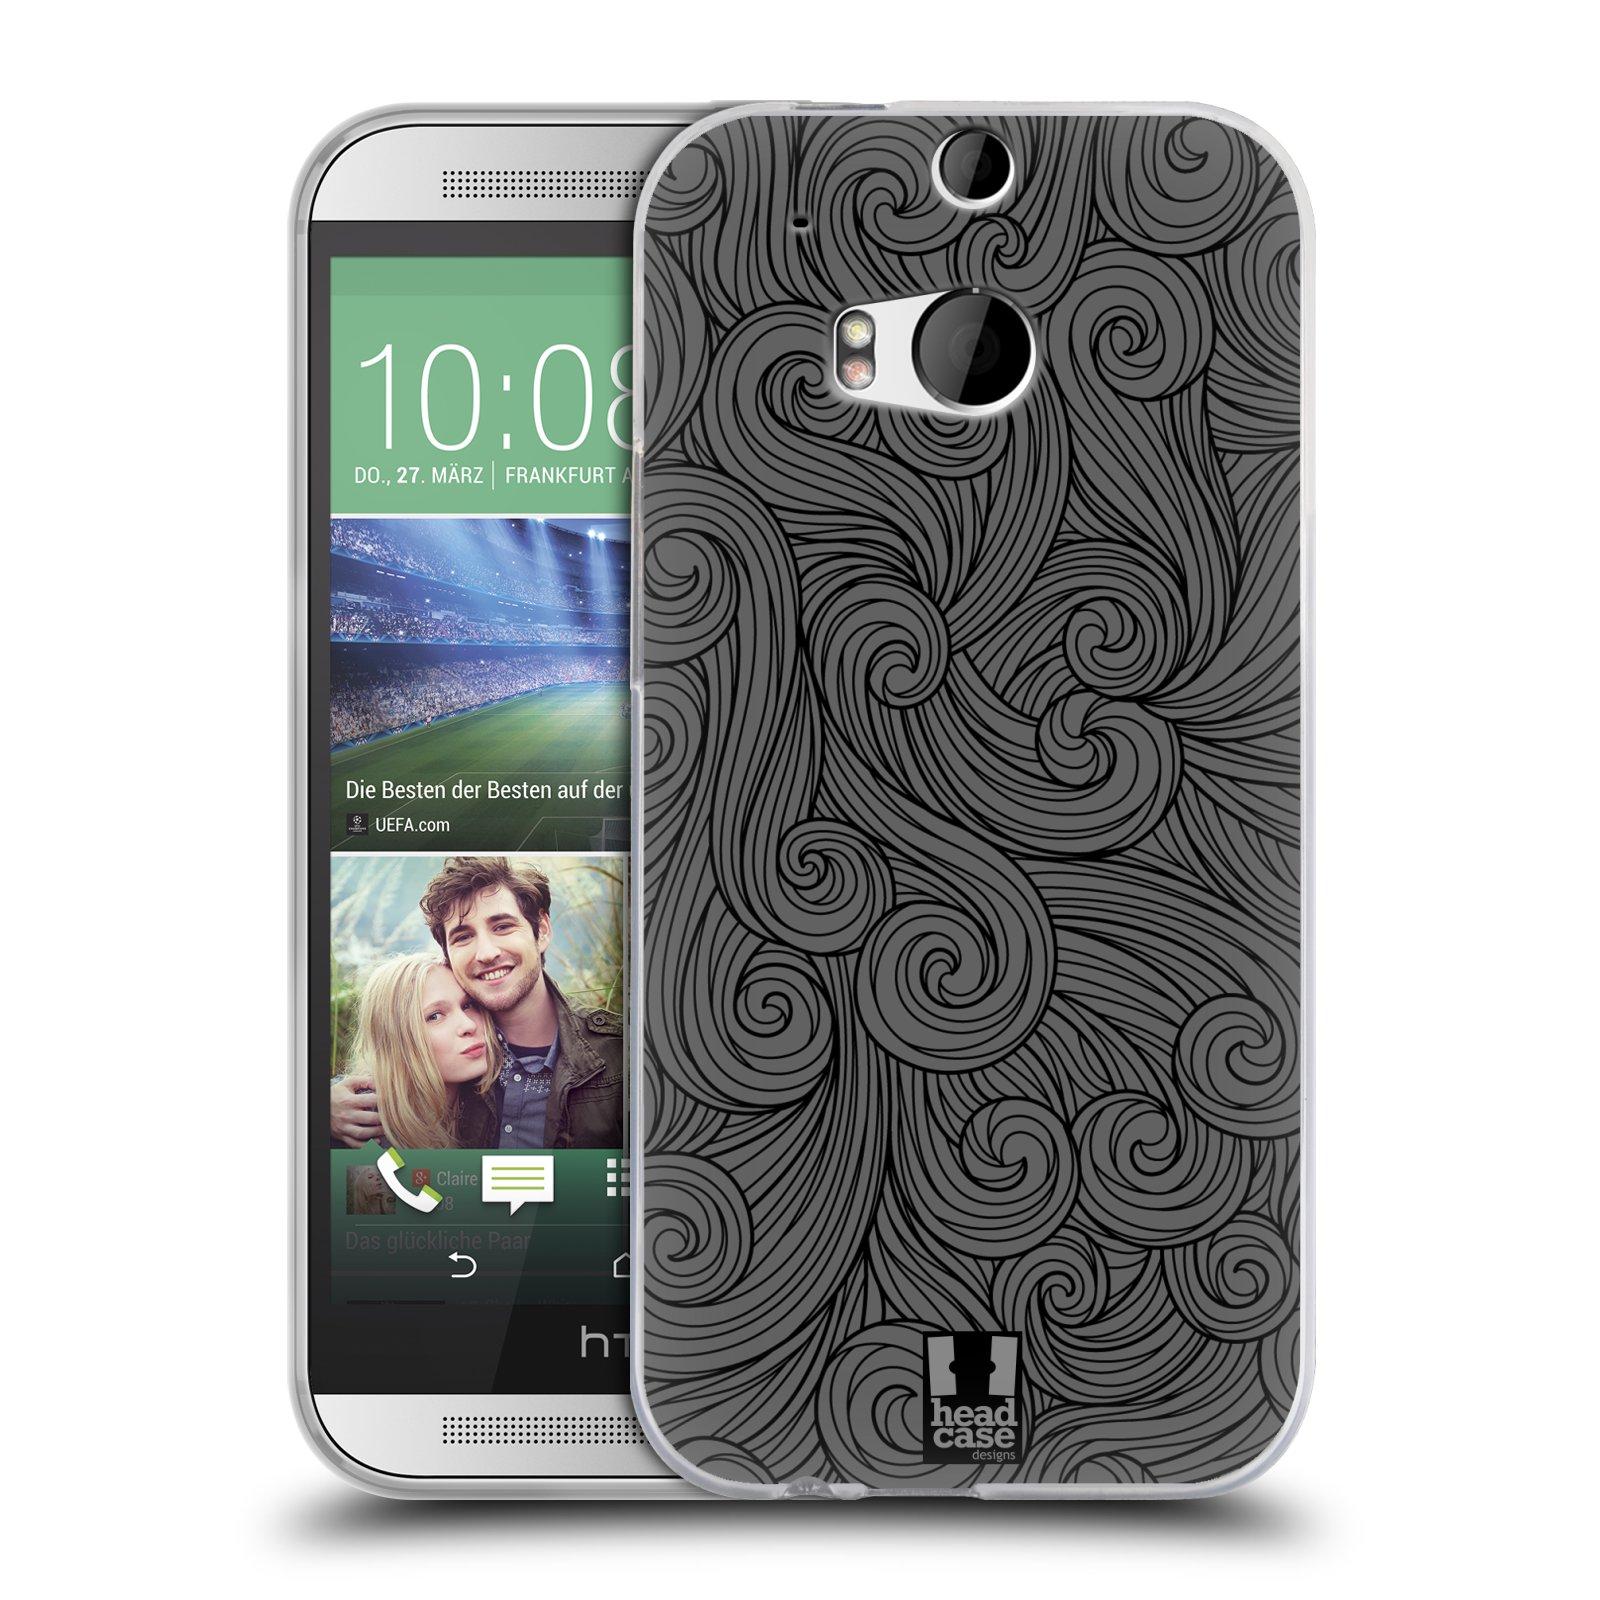 Silikonové pouzdro na mobil HTC ONE M8 HEAD CASE Dark Grey Swirls (Silikonový kryt či obal na mobilní telefon HTC ONE M8)